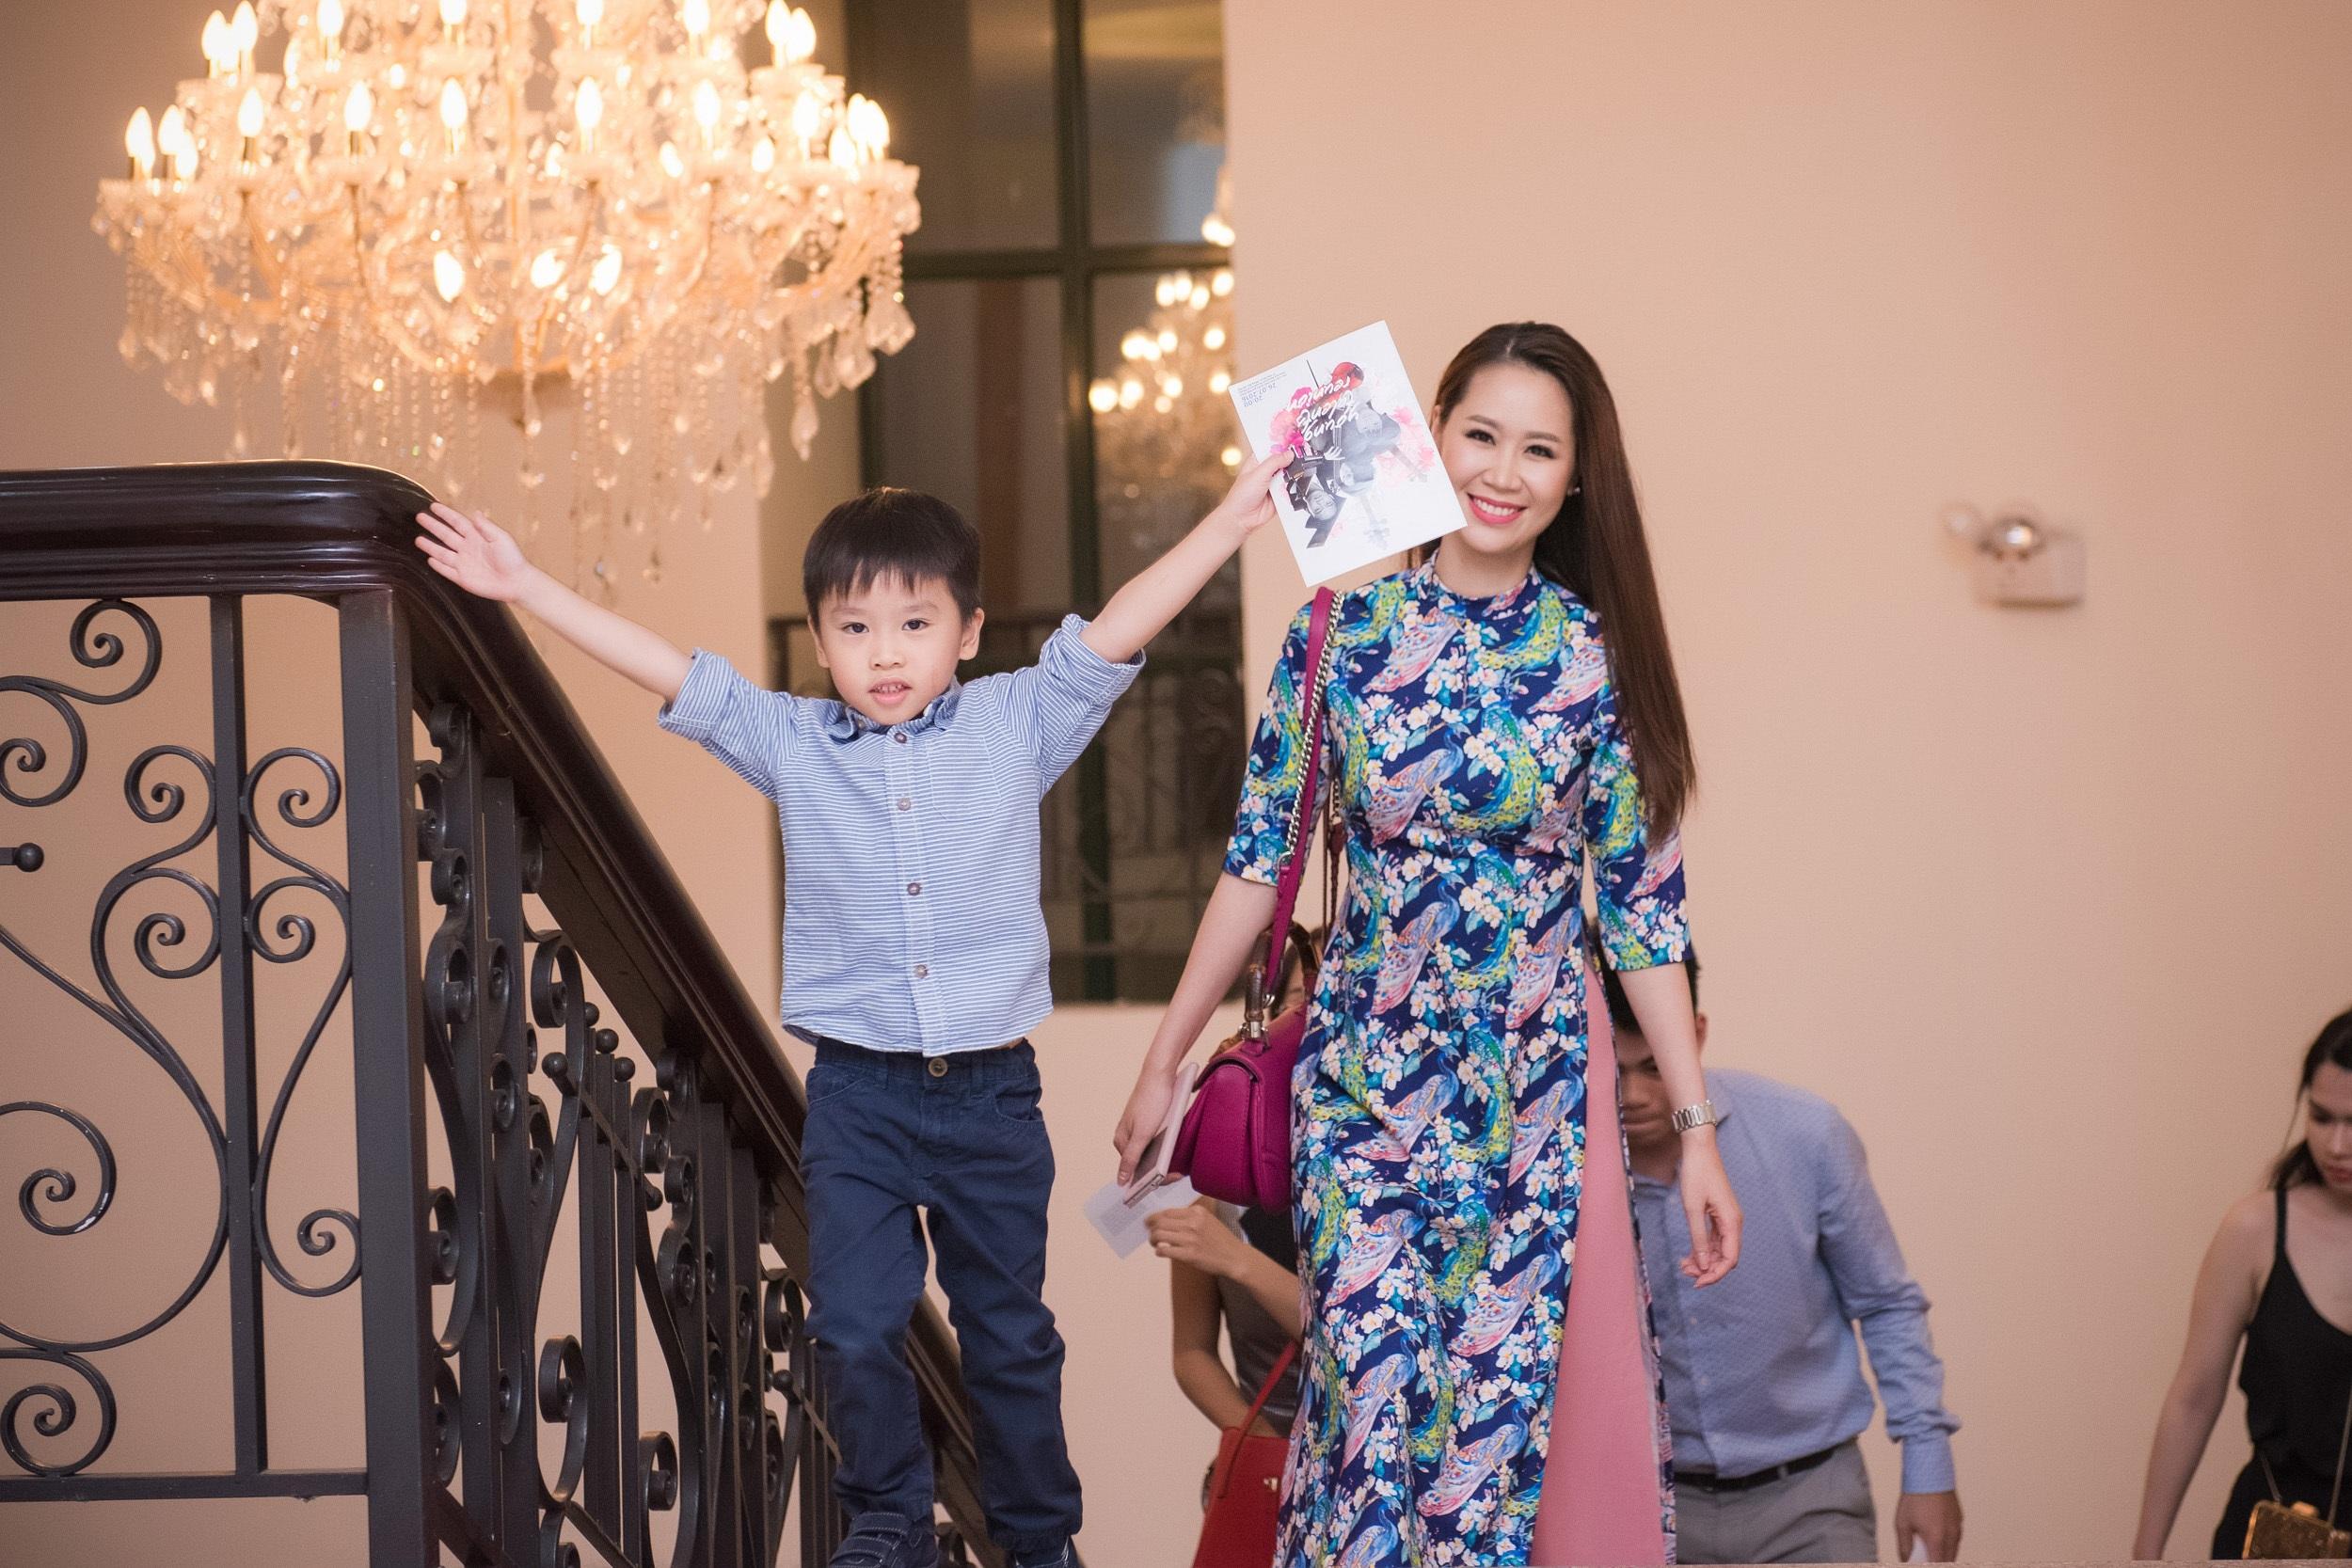 Cậu con trai 5 tuổi (tên thân mật là Tót) cũng theo mẹ đến xem cậu ruột trình diễn piano. Cậu bé hiếu động, chạy khắp nơi khiến Dương Thùy Linh phải trông nom khá vất vả.